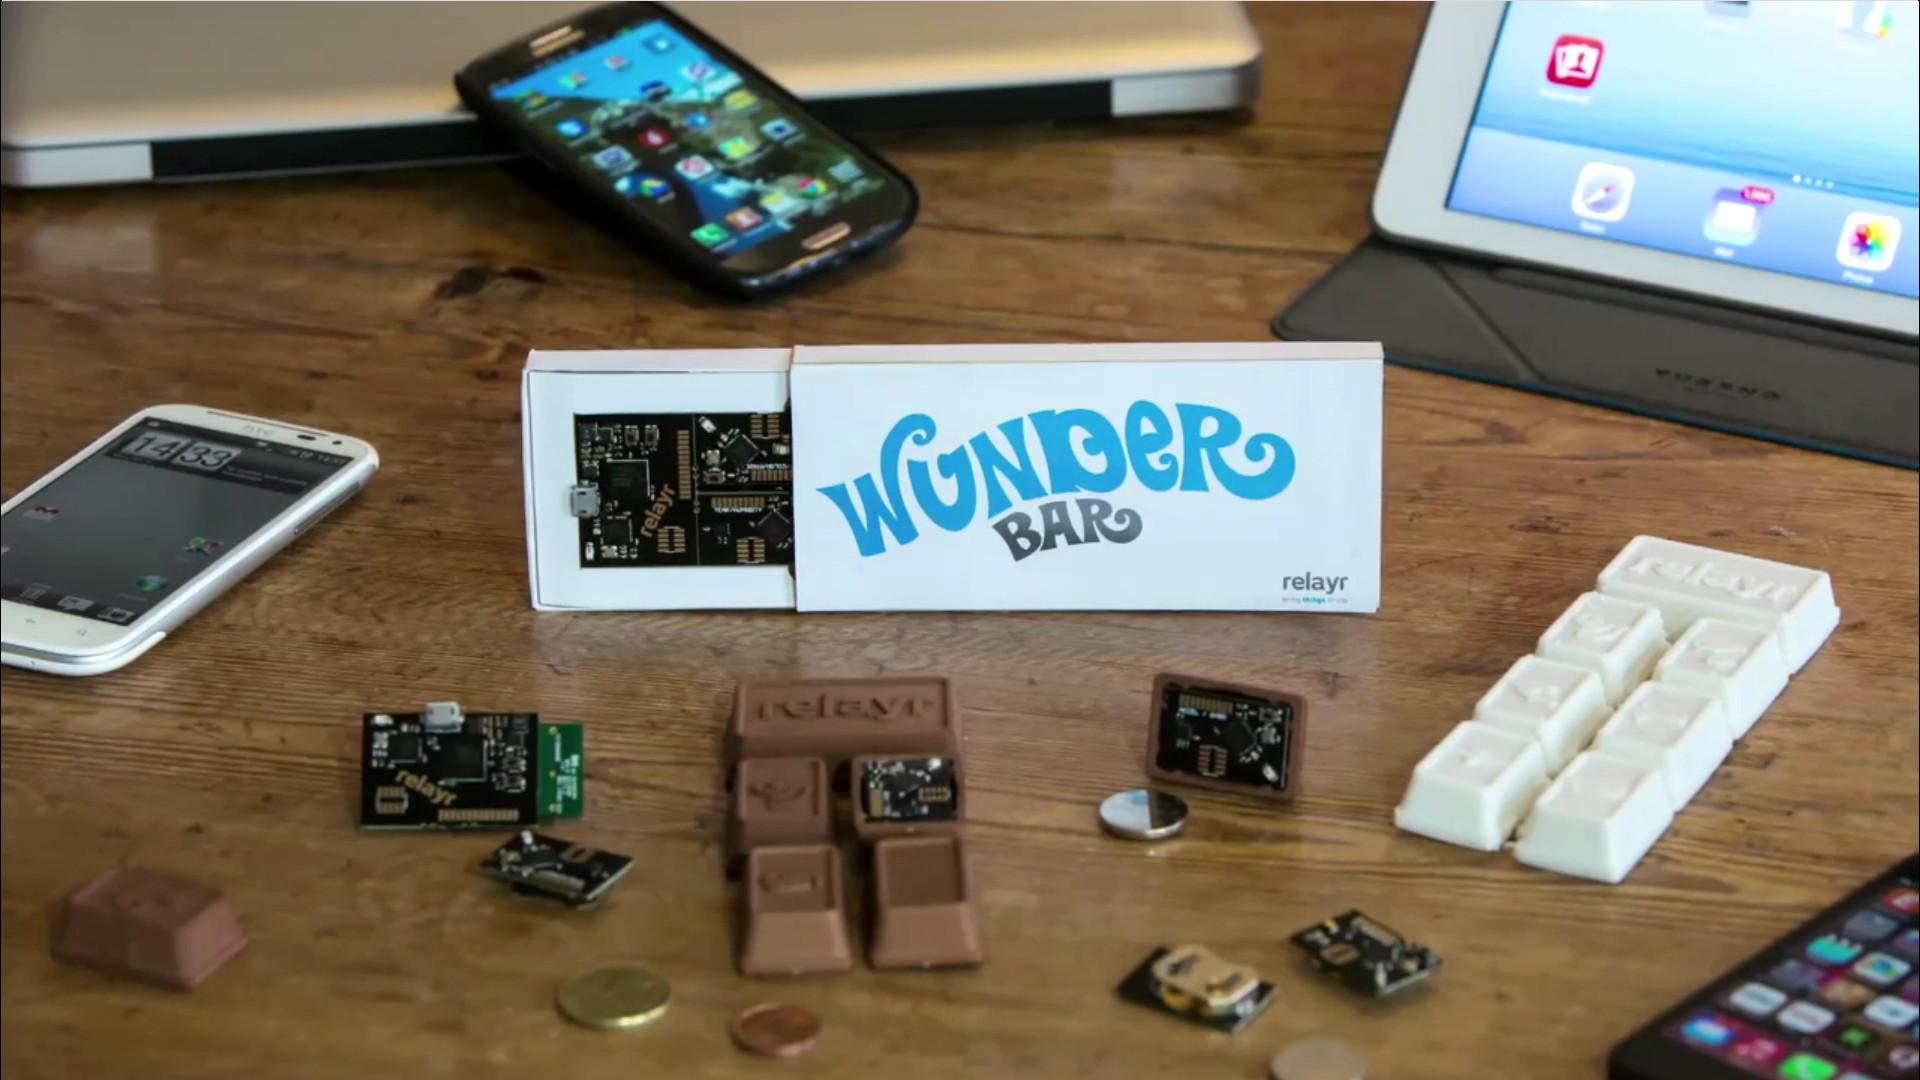 """Нельзя списывать со счётов и «умные конструкторы» вроде восхитительного в своей сырости WunderBar от европейского стартапа relayr. Это буквально набор кубиков, в которые упрятаны сенсоры и программируемые модули, связывающиеся без проводов и легко привязываемые, скажем, к смартфону. С таким конструктором возможно строить свои комплексы """"умного"""" слежения и управления тупыми бытовыми железками за время от десяти минут."""